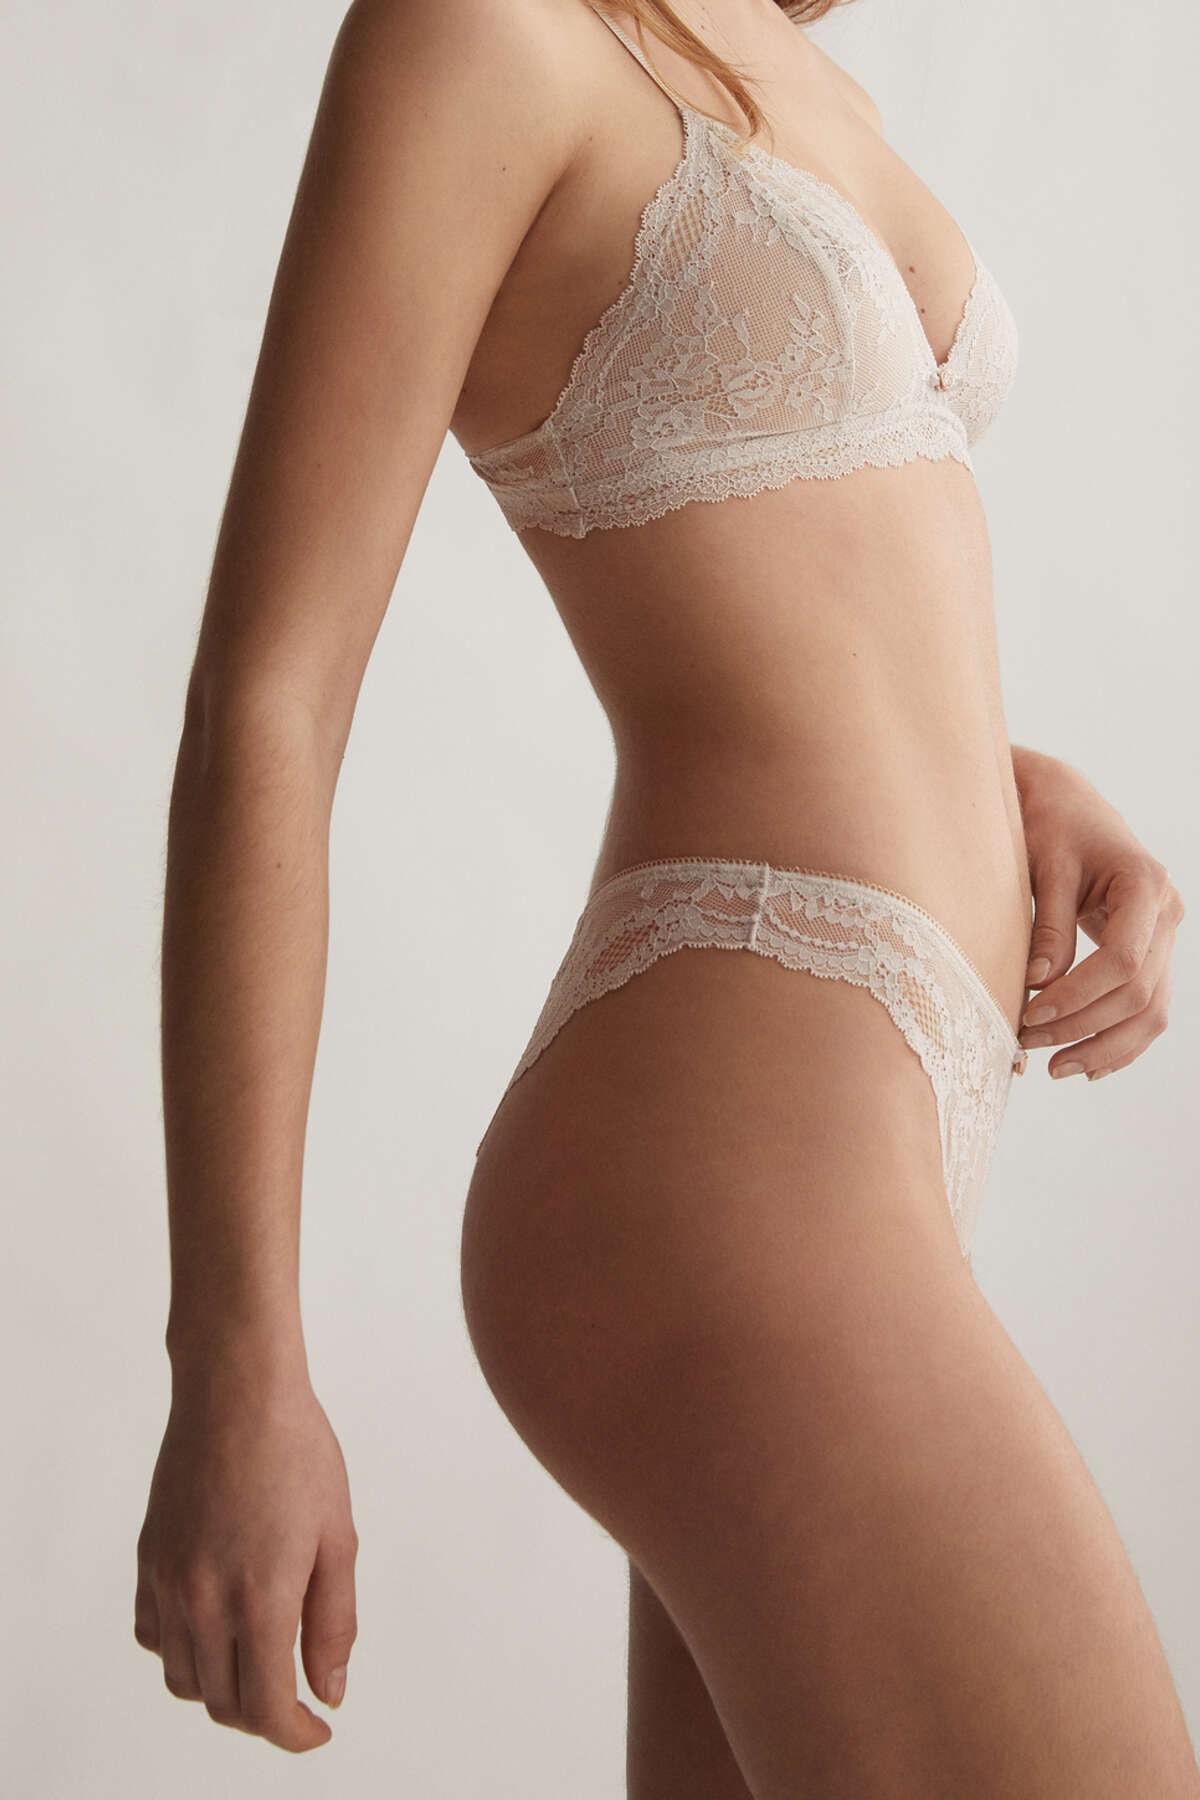 Oysho Kadın Gül Detaylı Dantelli Brezilya Modeli Külot Taş Grisi 30073086 2